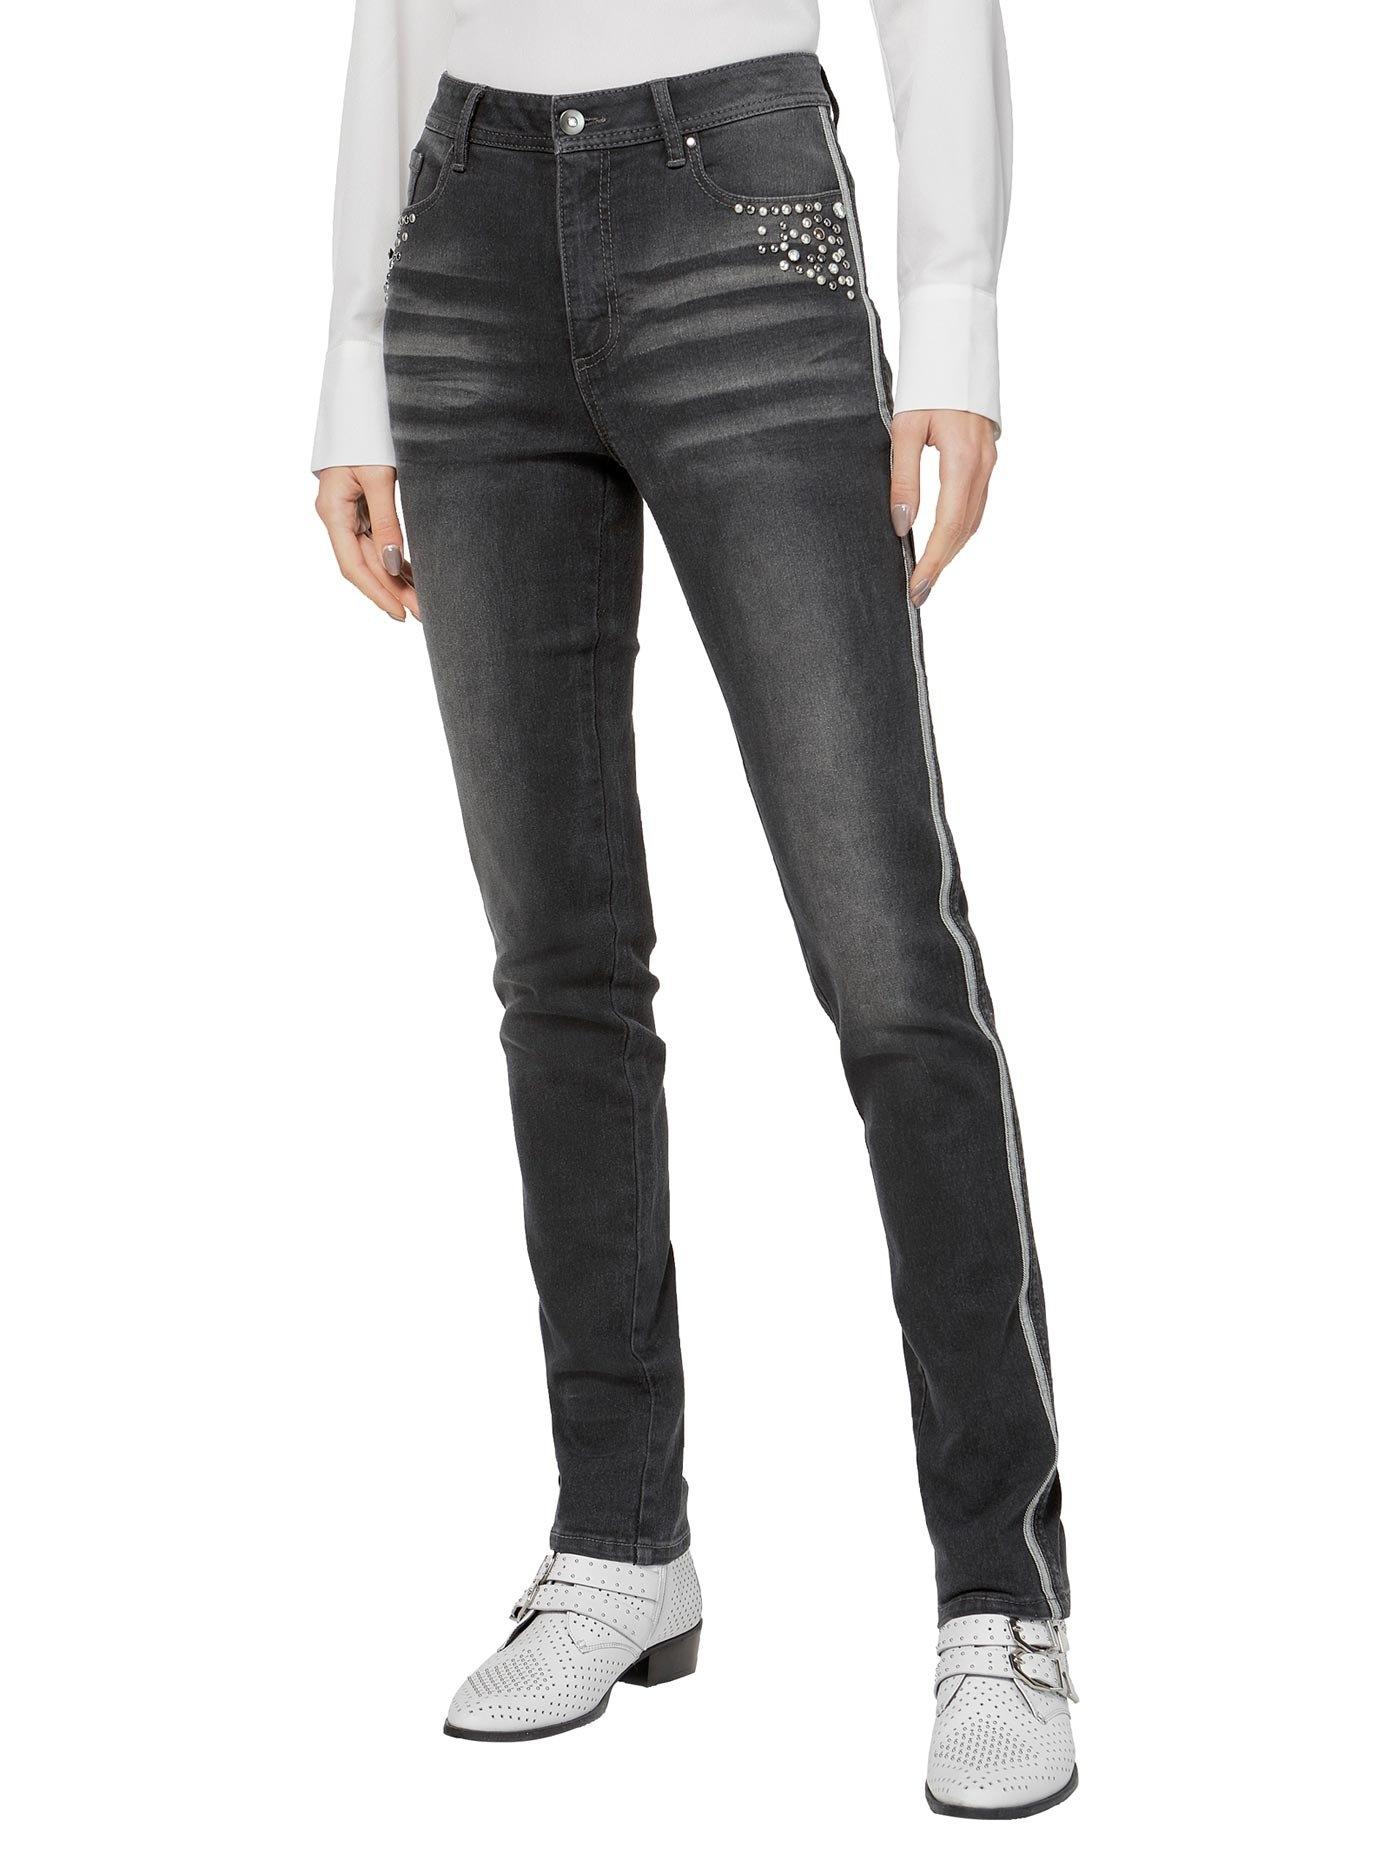 Creation L slim fit jeans - gratis ruilen op otto.nl